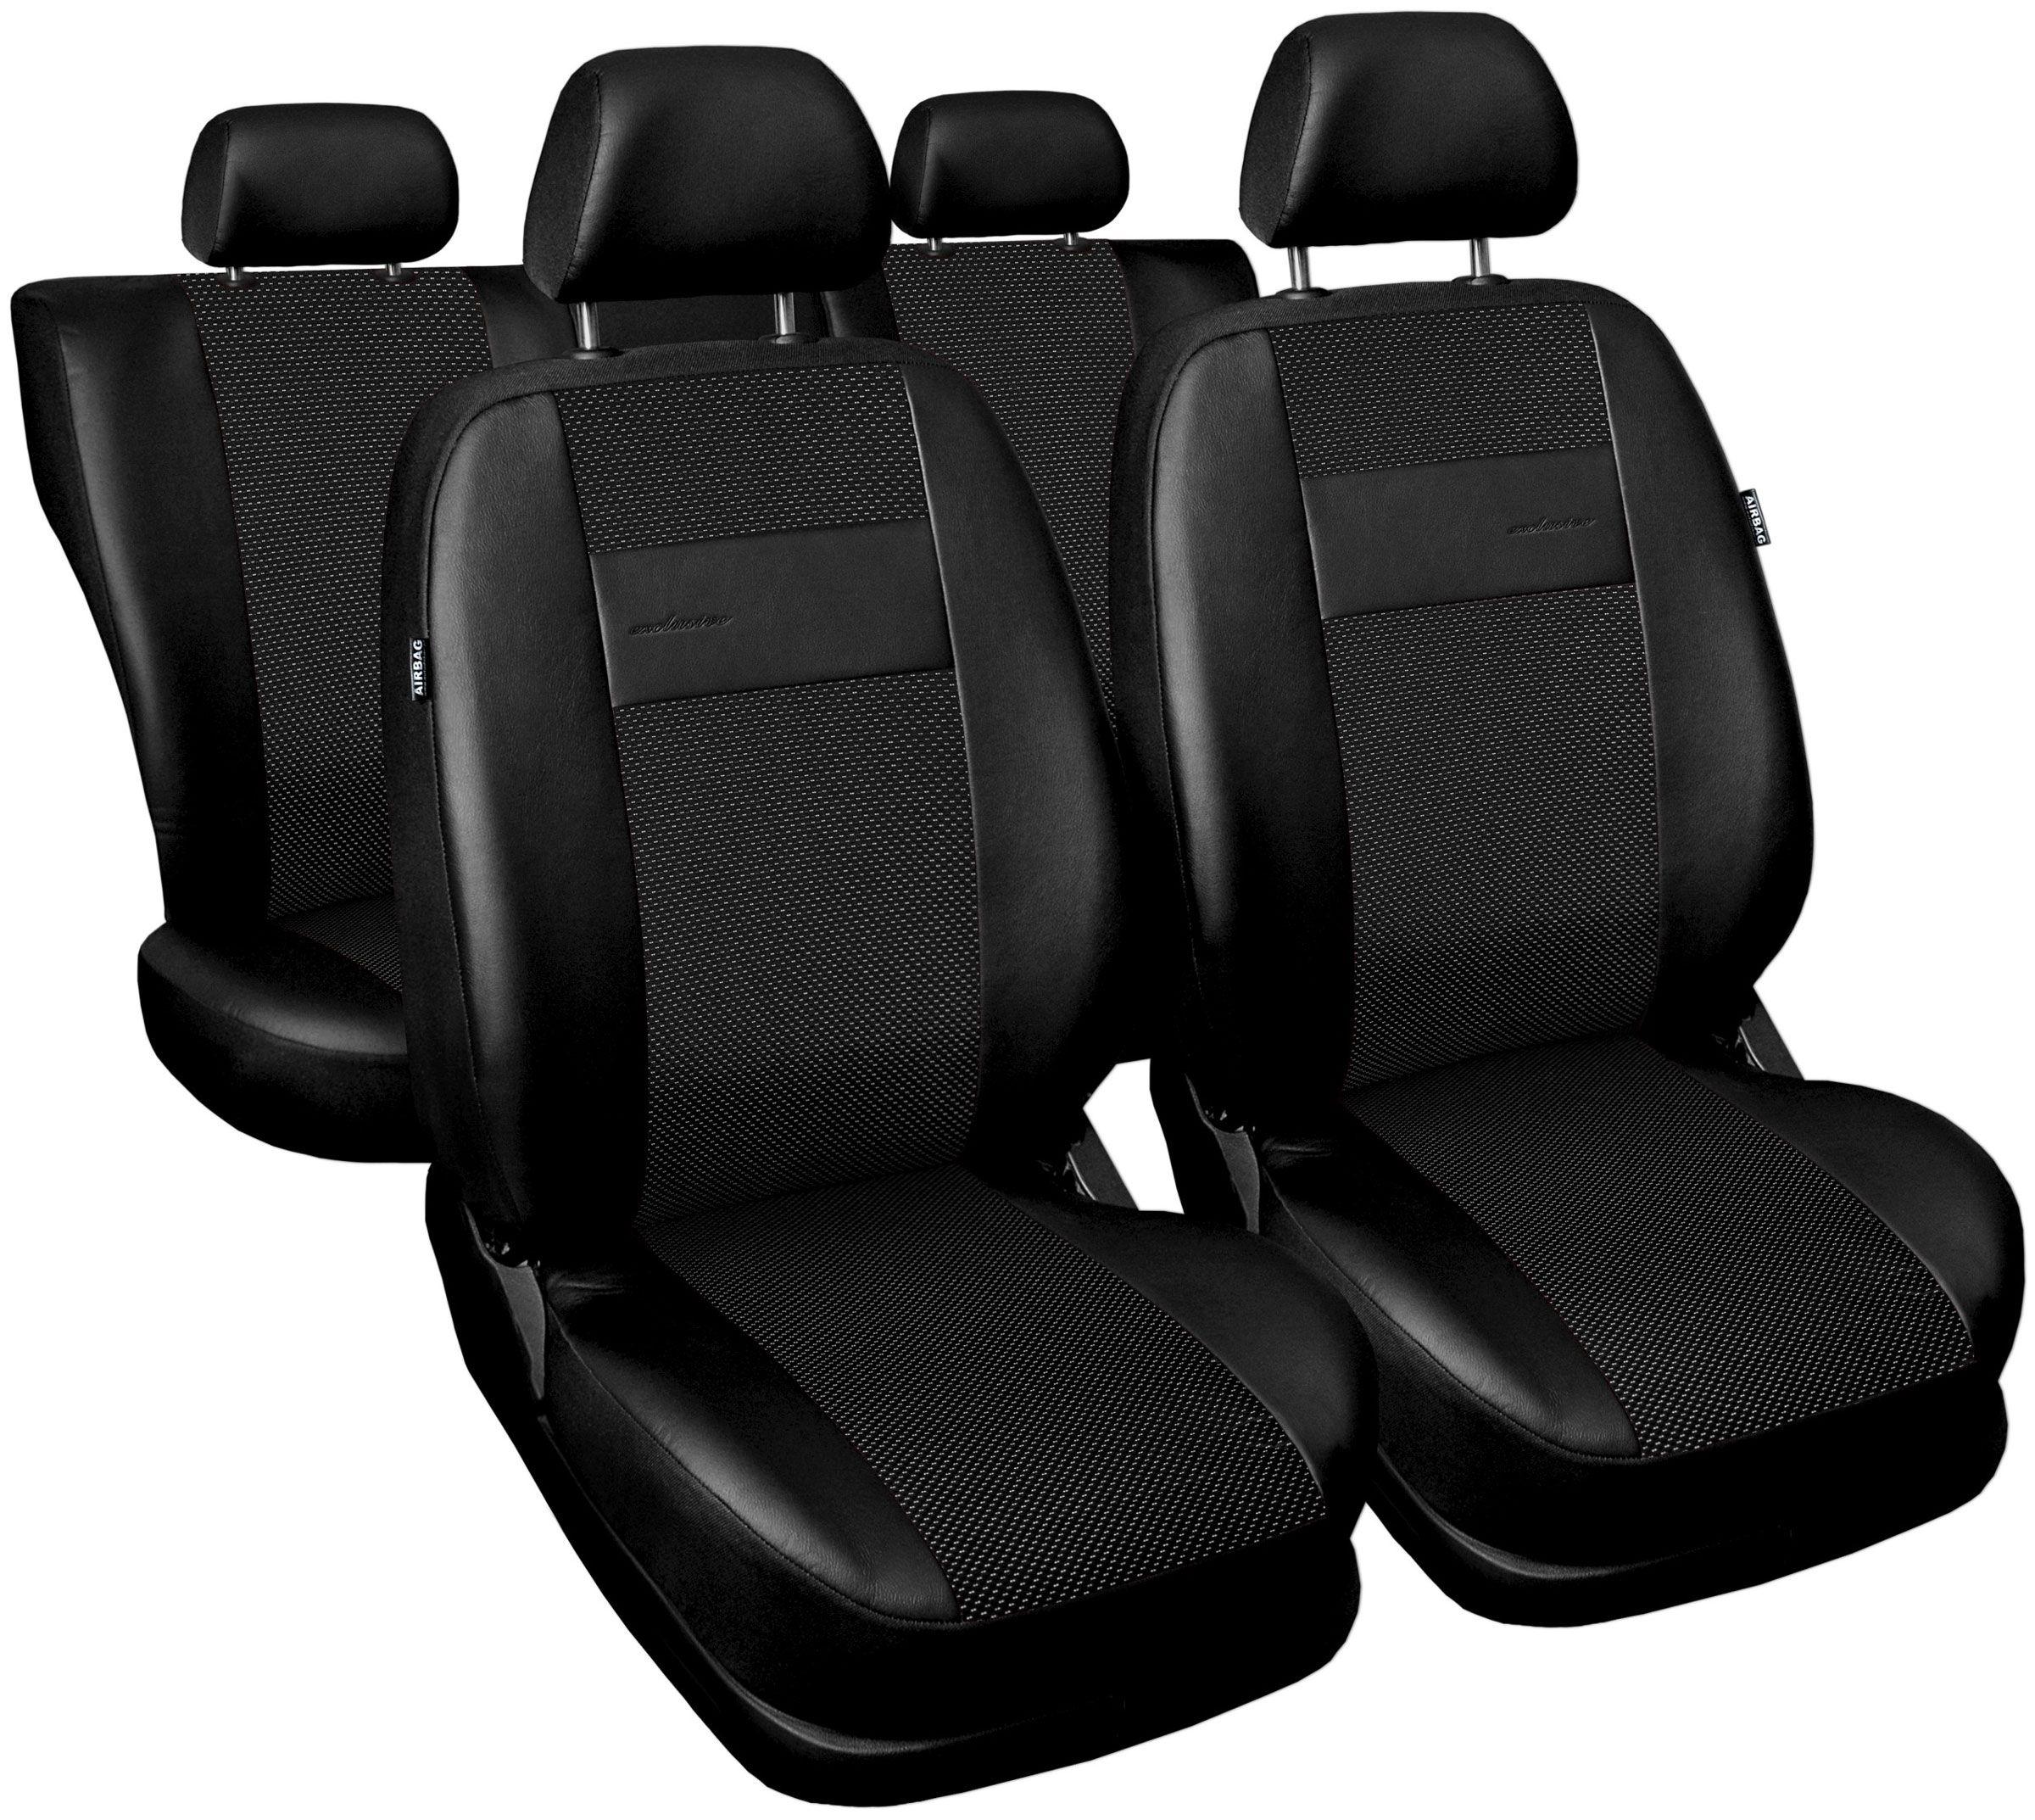 Pokrowce E1 na fotele do Audi A6 C4 C5 C6 C7